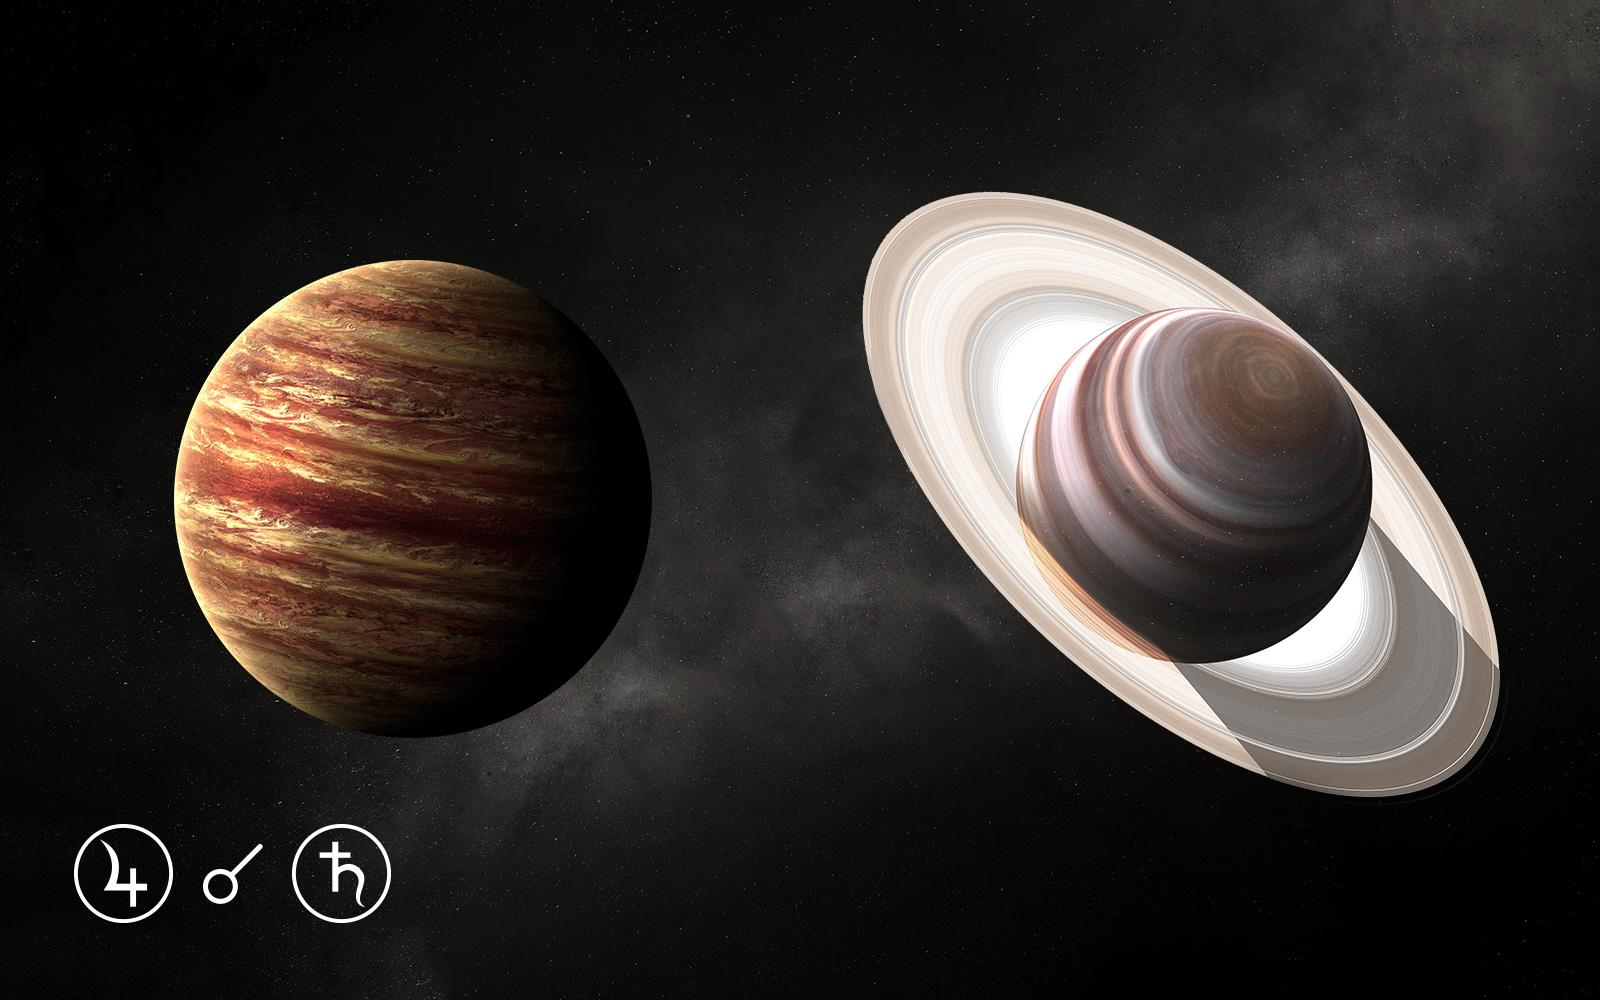 Velika konjunkcija Jupitera i Saturna u vreme COVID-19